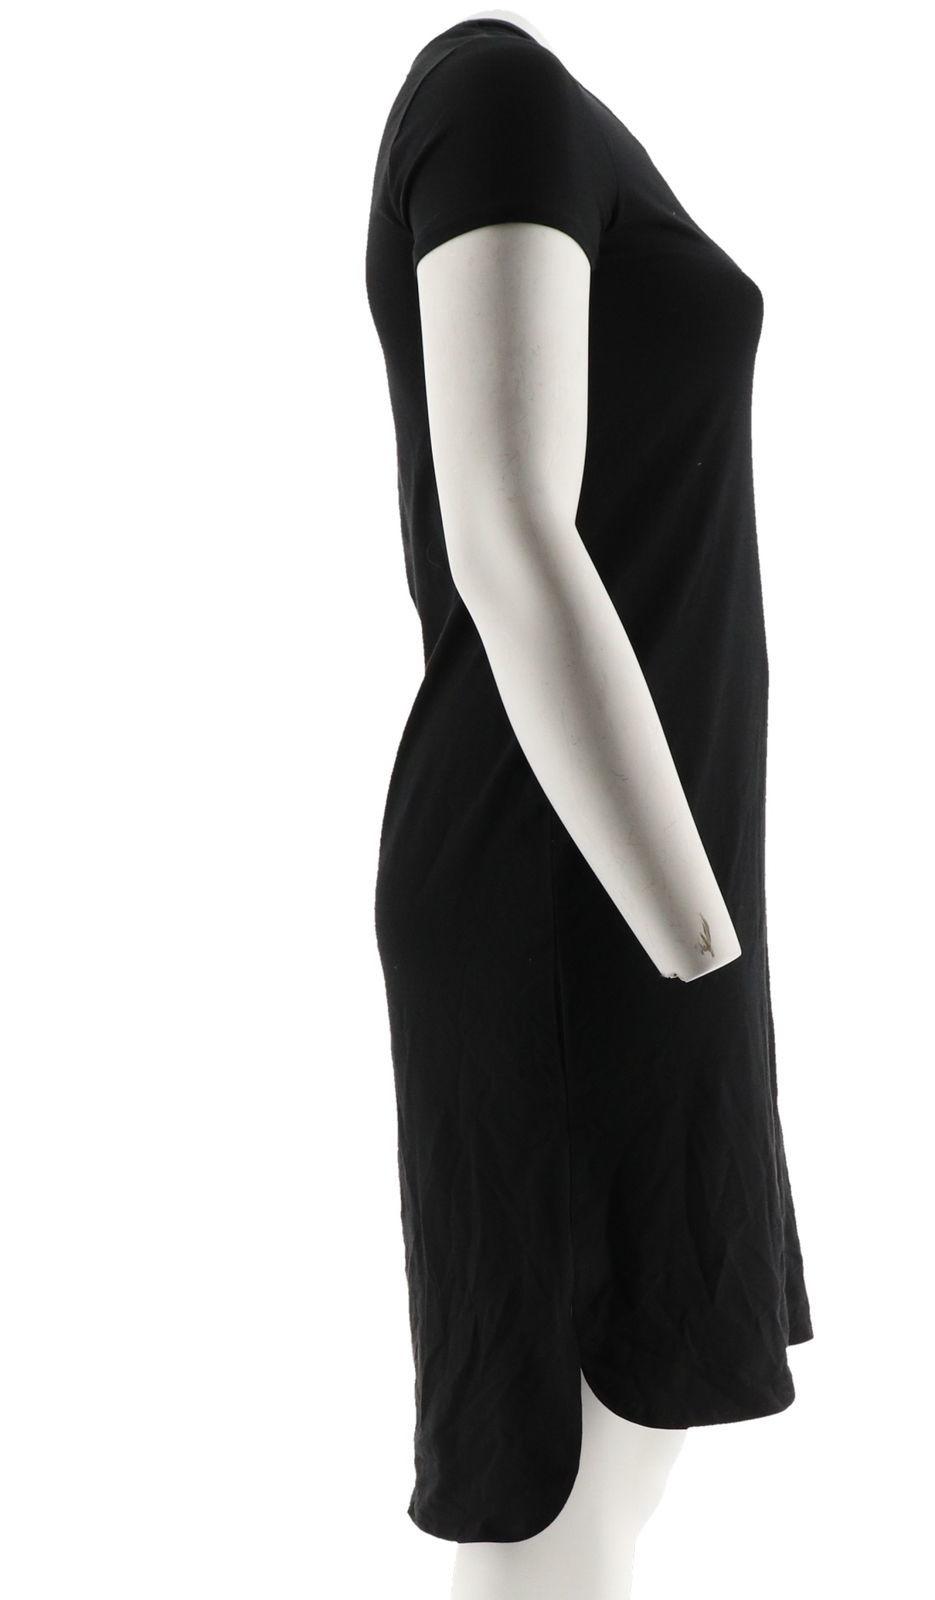 H Halston Essentials Knit Midi Dress Shirttail Hem Black XS NEW A290894 image 4